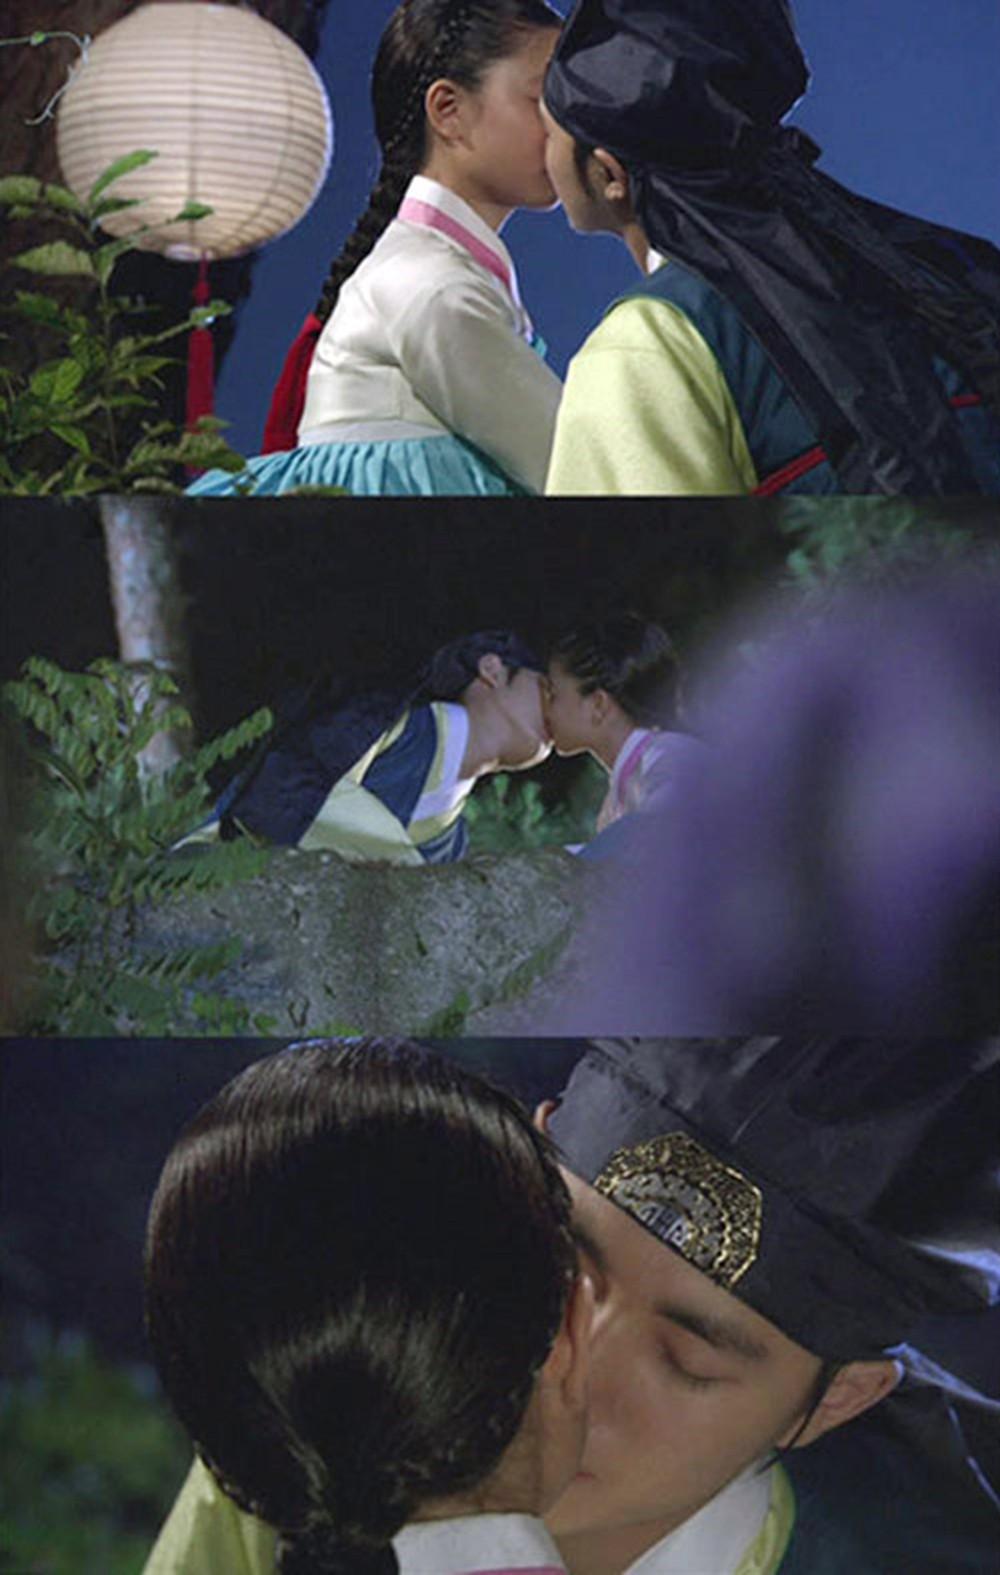 9 phim châu Á có cảnh nóng chưa đủ tuổi gây tranh cãi: Lưu Diệc Phi mới 16 tuổi, sao nhí Kim So Hyun chỉ vừa 13 - Ảnh 21.